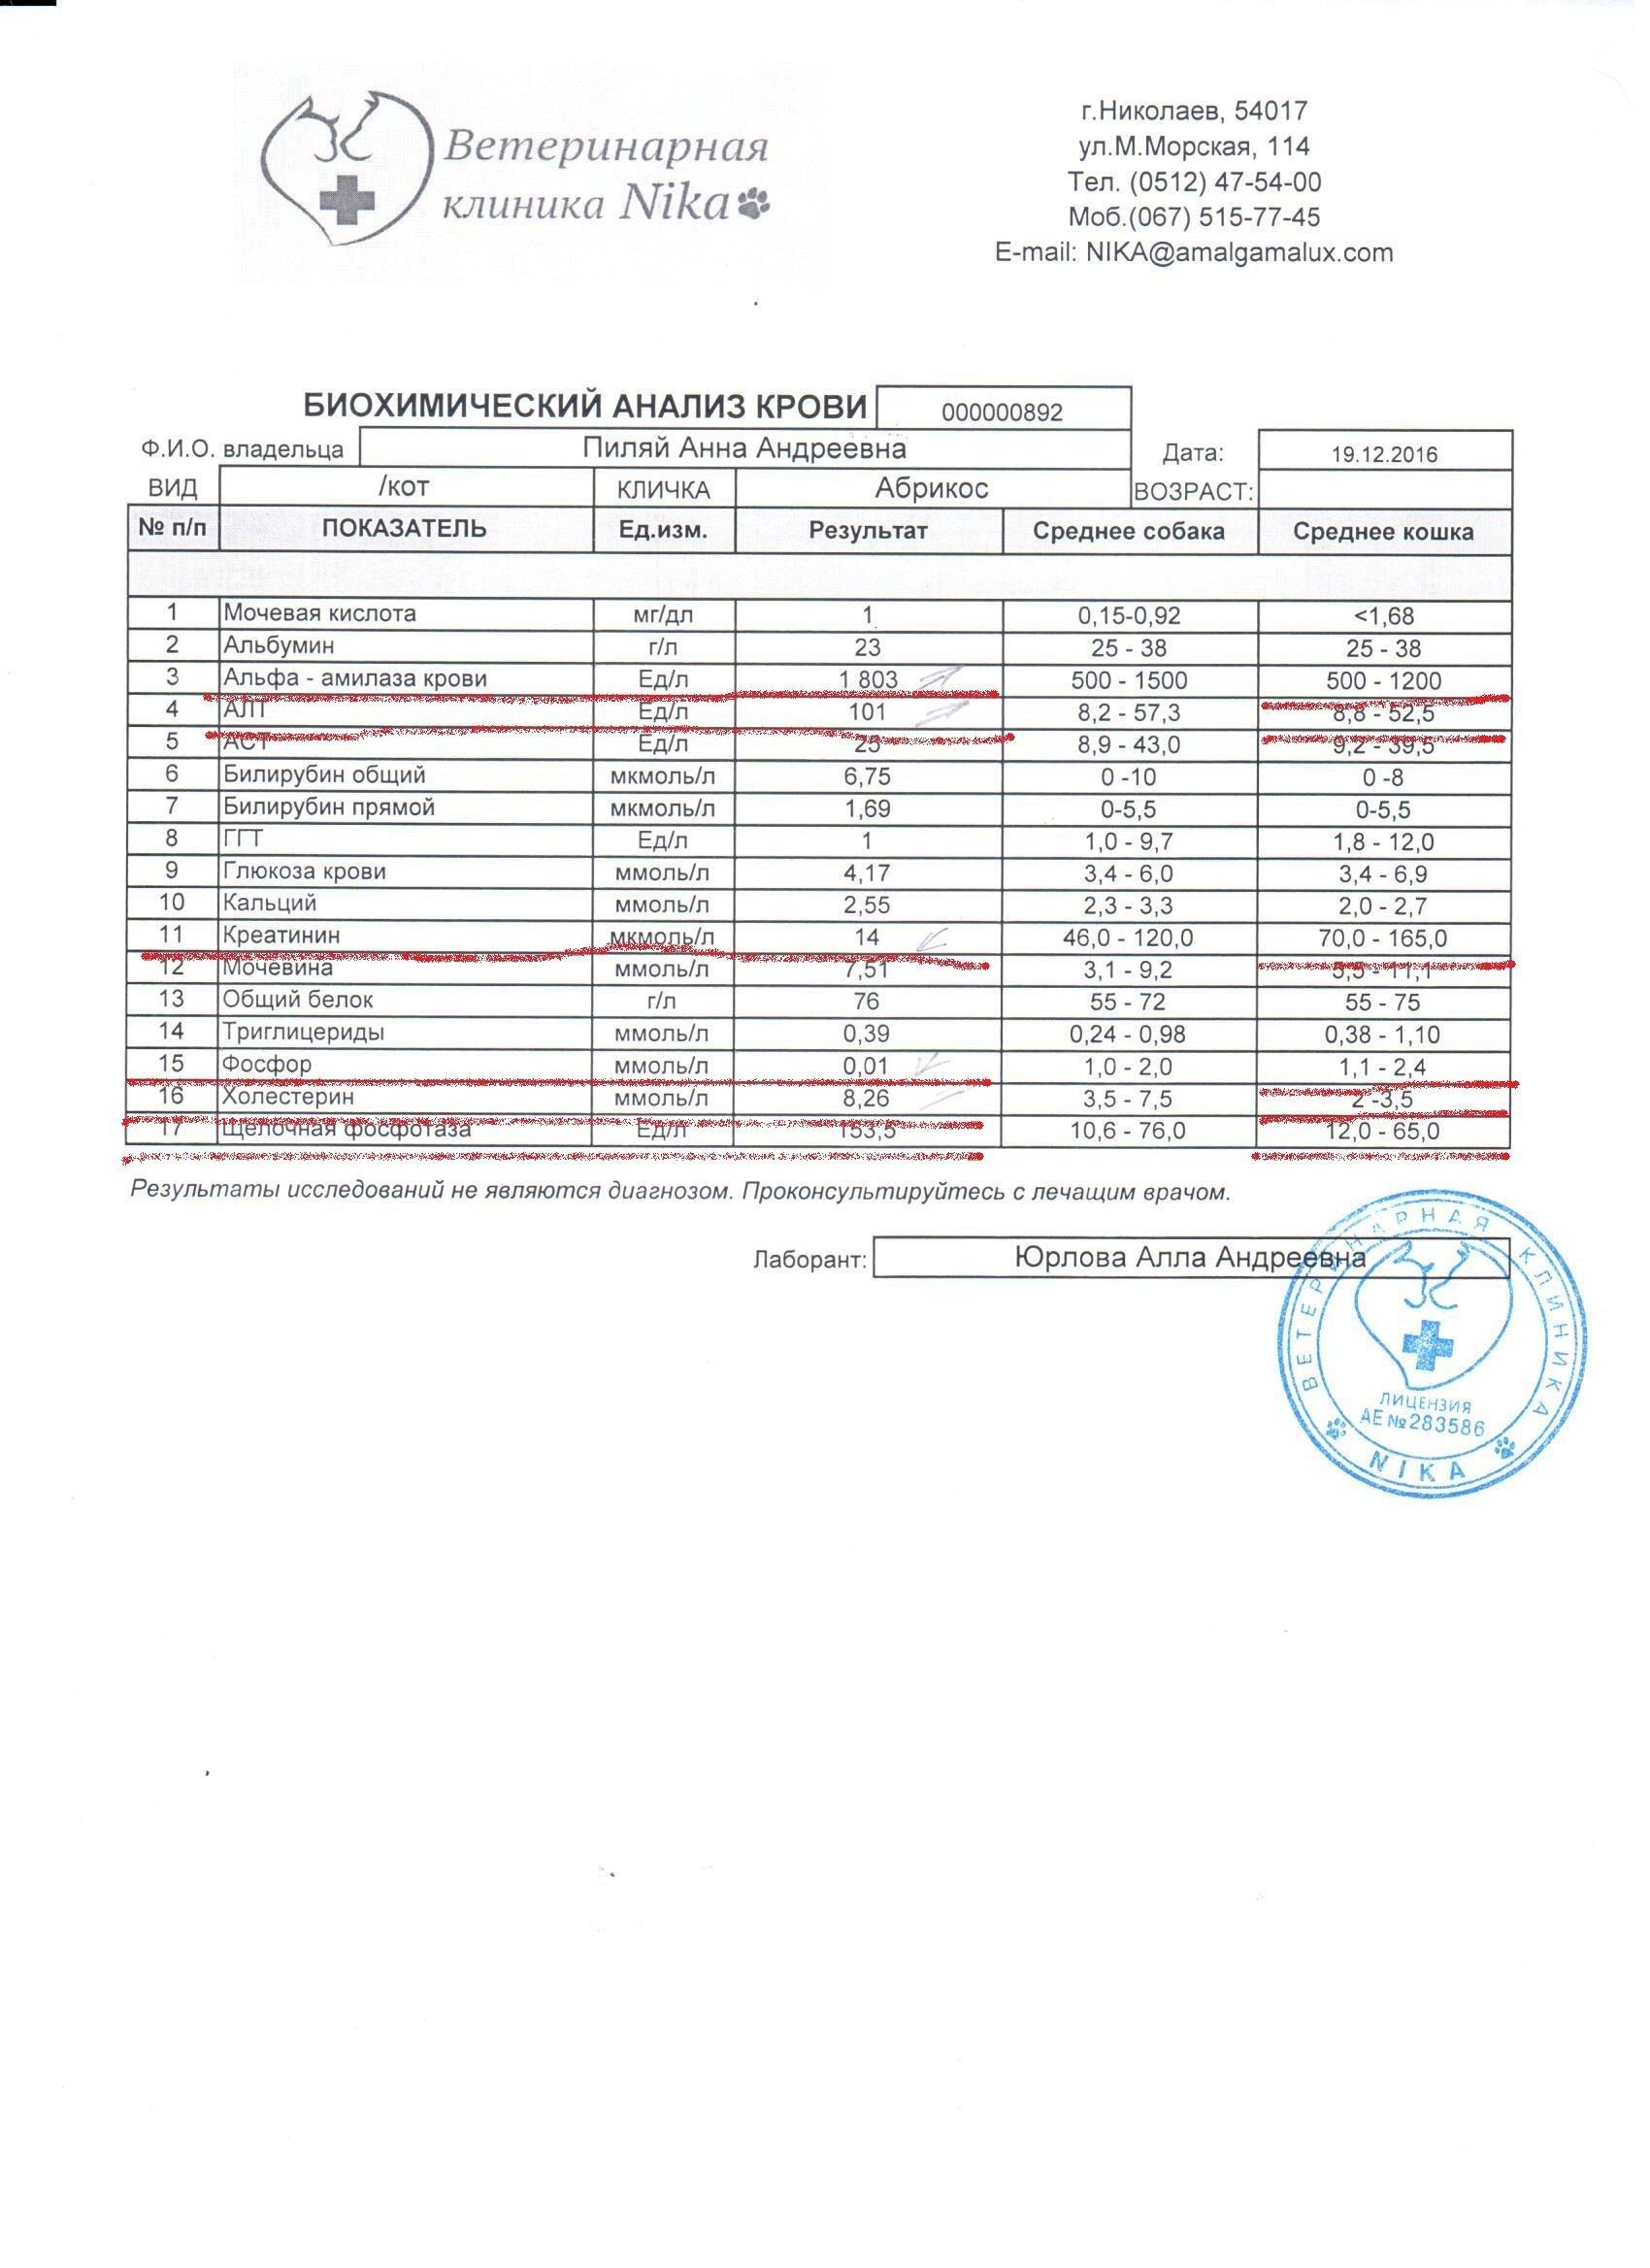 Ответ общий клинический анализ крови у котов Справка для выхода из академического отпуска Шелепихинское шоссе